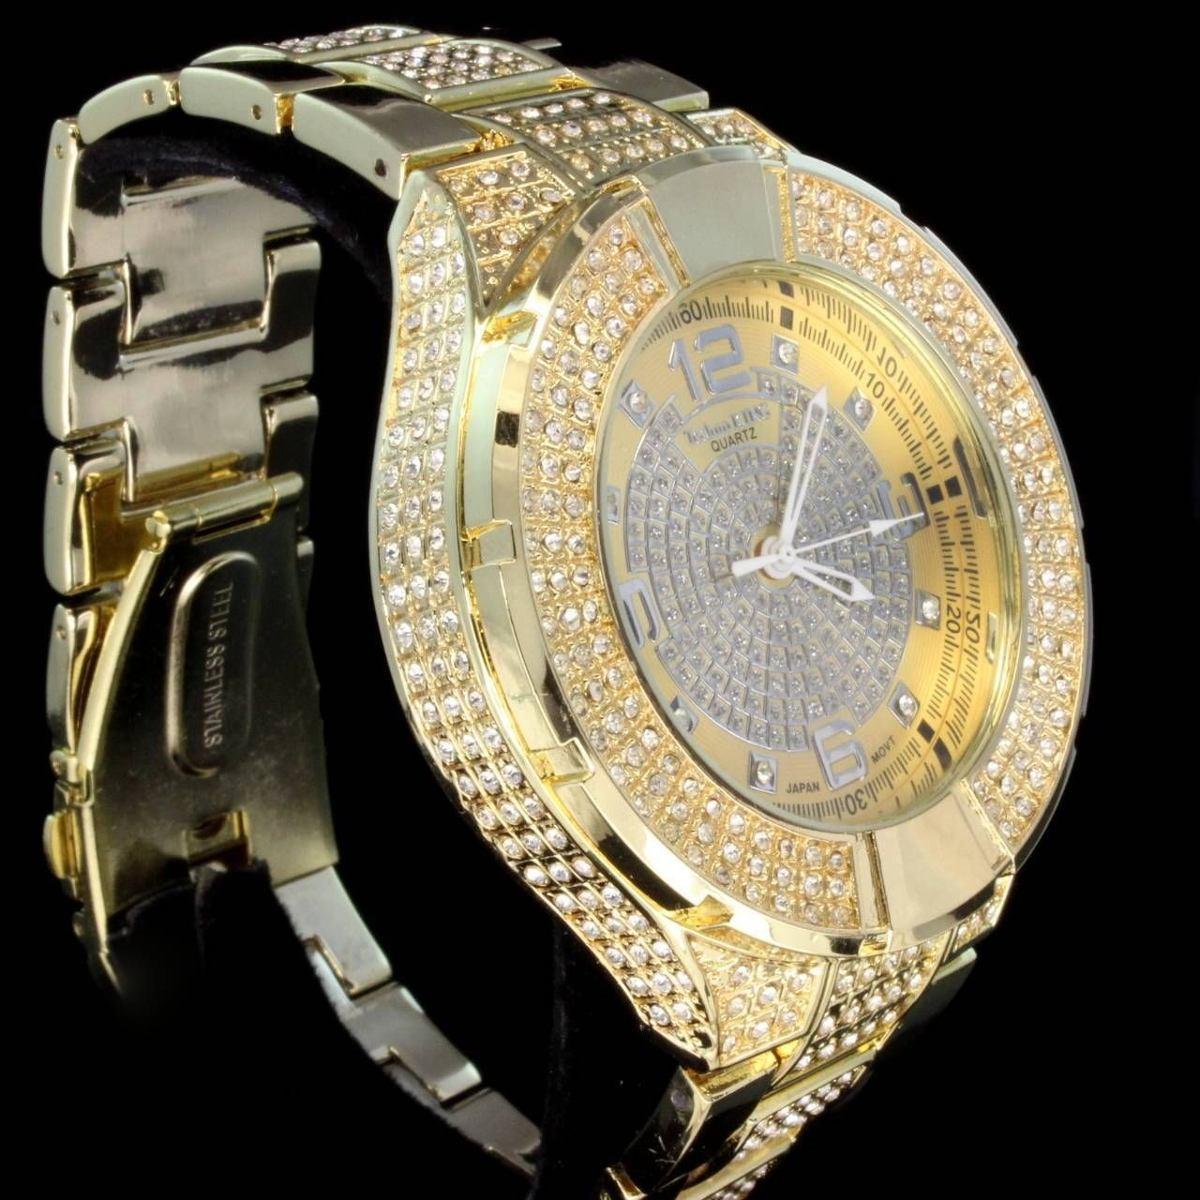 Relógio Hip Hop Dourado 2 Luxo Com Brilhantes Invict